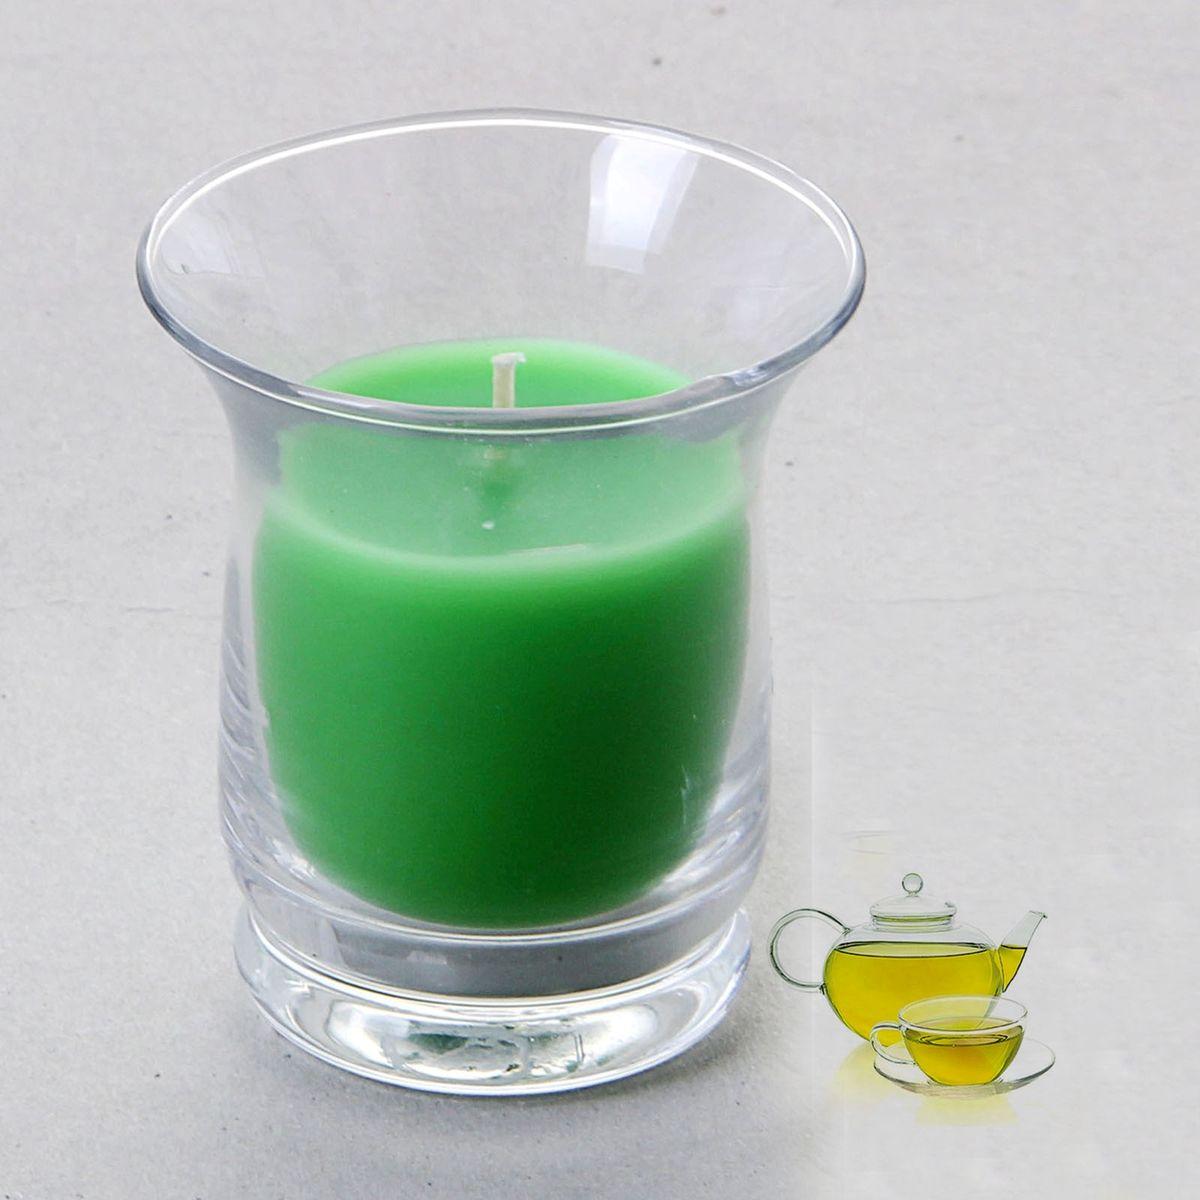 Свеча ароматизированная Sima-land Романтика, с ароматом зеленого чая, цвет: зеленый, высота 7,5 см849622Ароматизированная свеча Sima-land Романтика изготовлена из воска и расположена в стеклянном стакане. Изделие отличается оригинальным дизайном и приятным запоминающимся ароматом. Свеча Sima-land Романтика - это прекрасный выбор для тех, кто хочет сделать запоминающийся презент родным и близким. Она поможет создать атмосферу праздника. Такой подарок запомнится надолго.